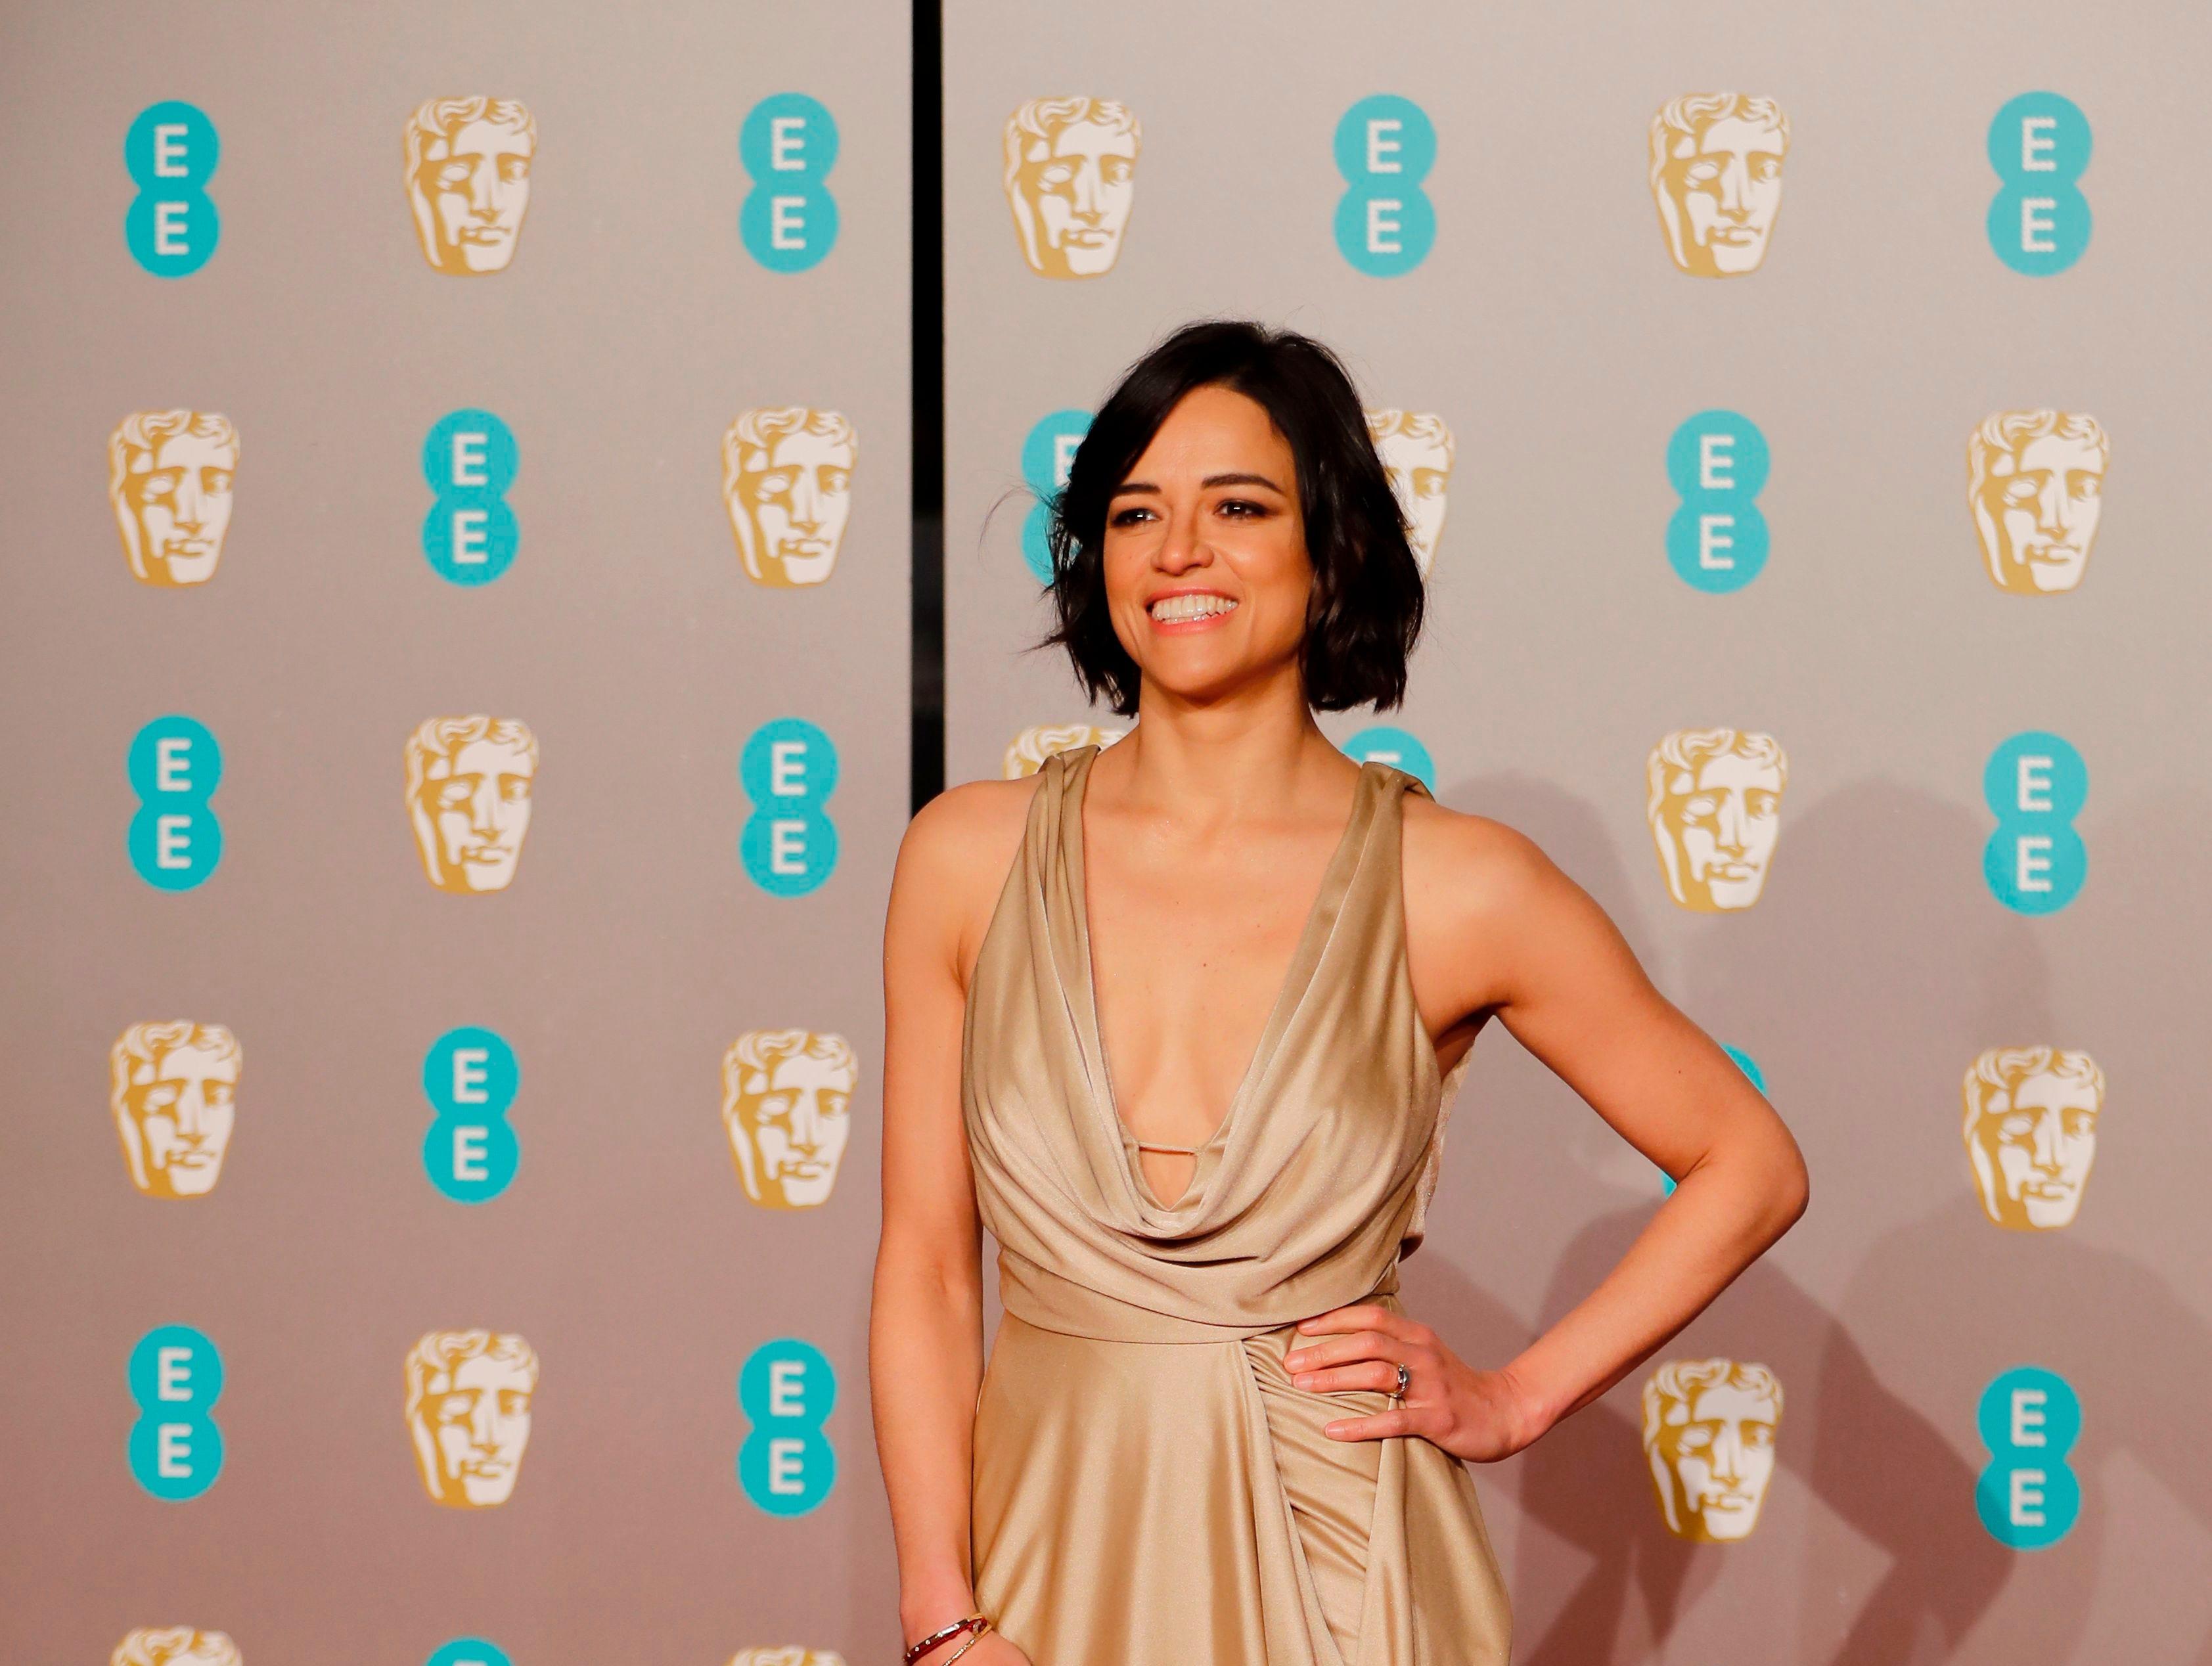 Michelle Rodriguez a su llegada a la alfombra roja de los Premios de la Academia Británica de Cine BAFTA en el Royal Albert Hall en Londres el 10 de febrero de 2019.